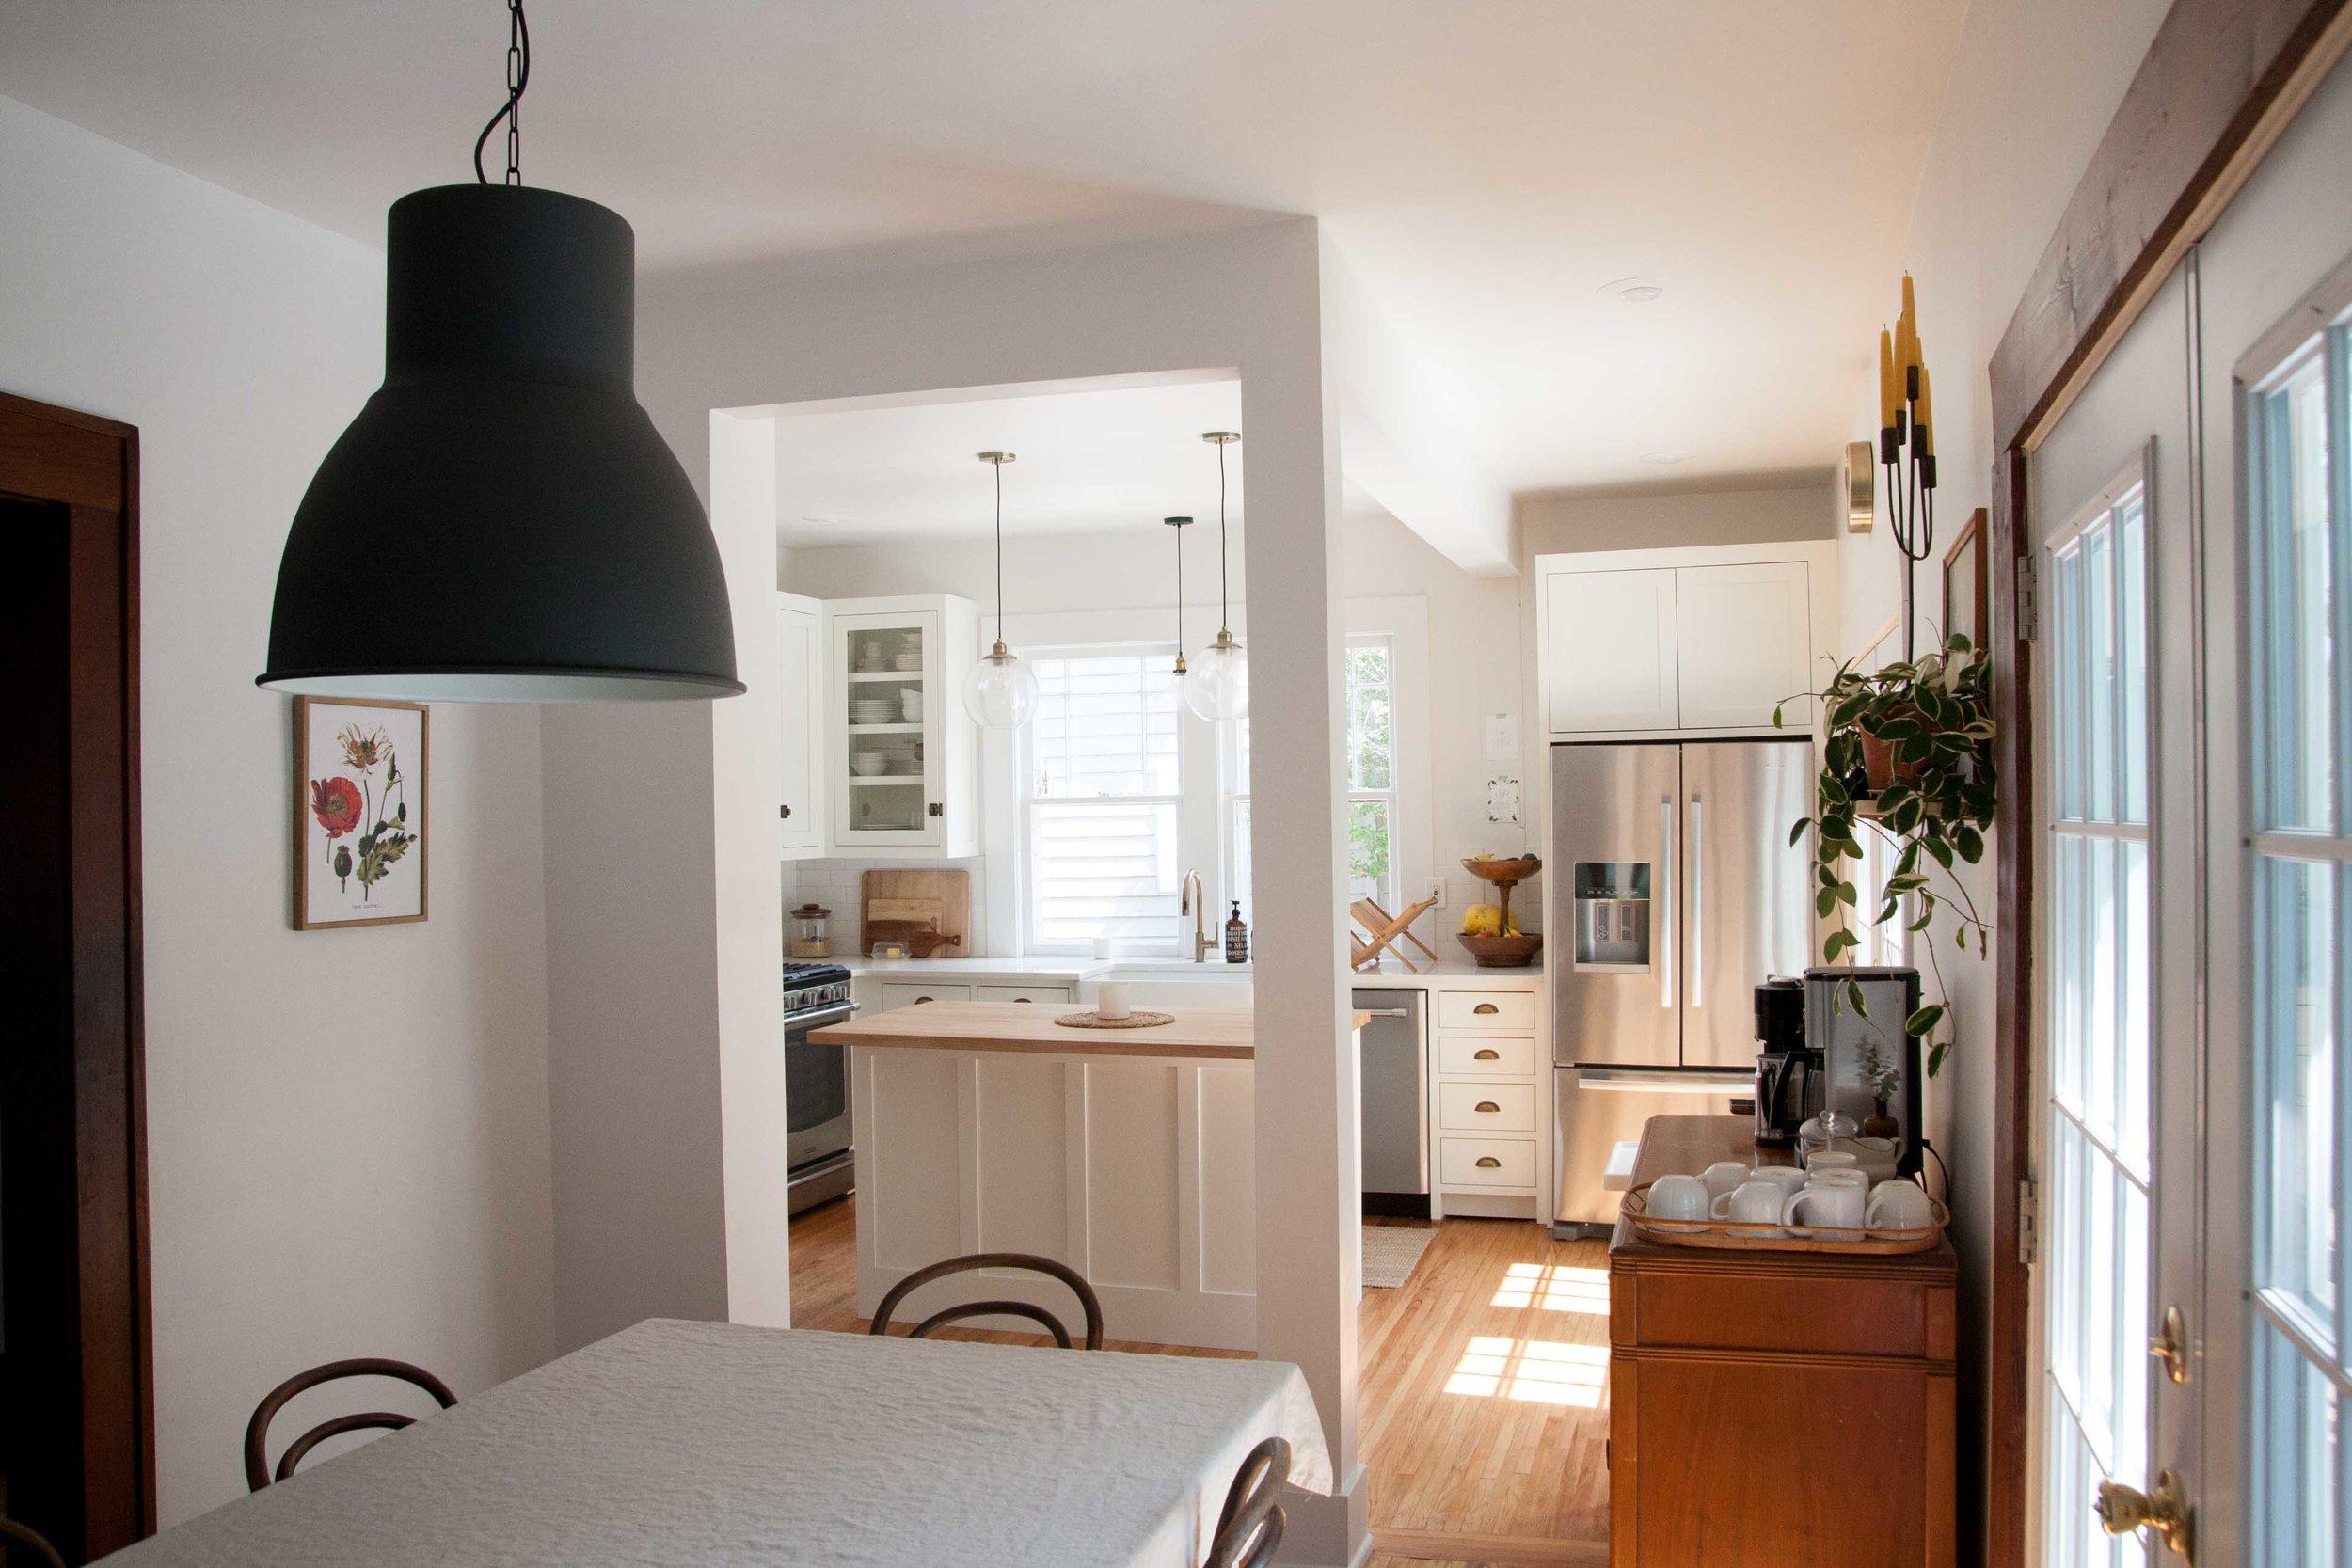 white-light-airy-kitchen